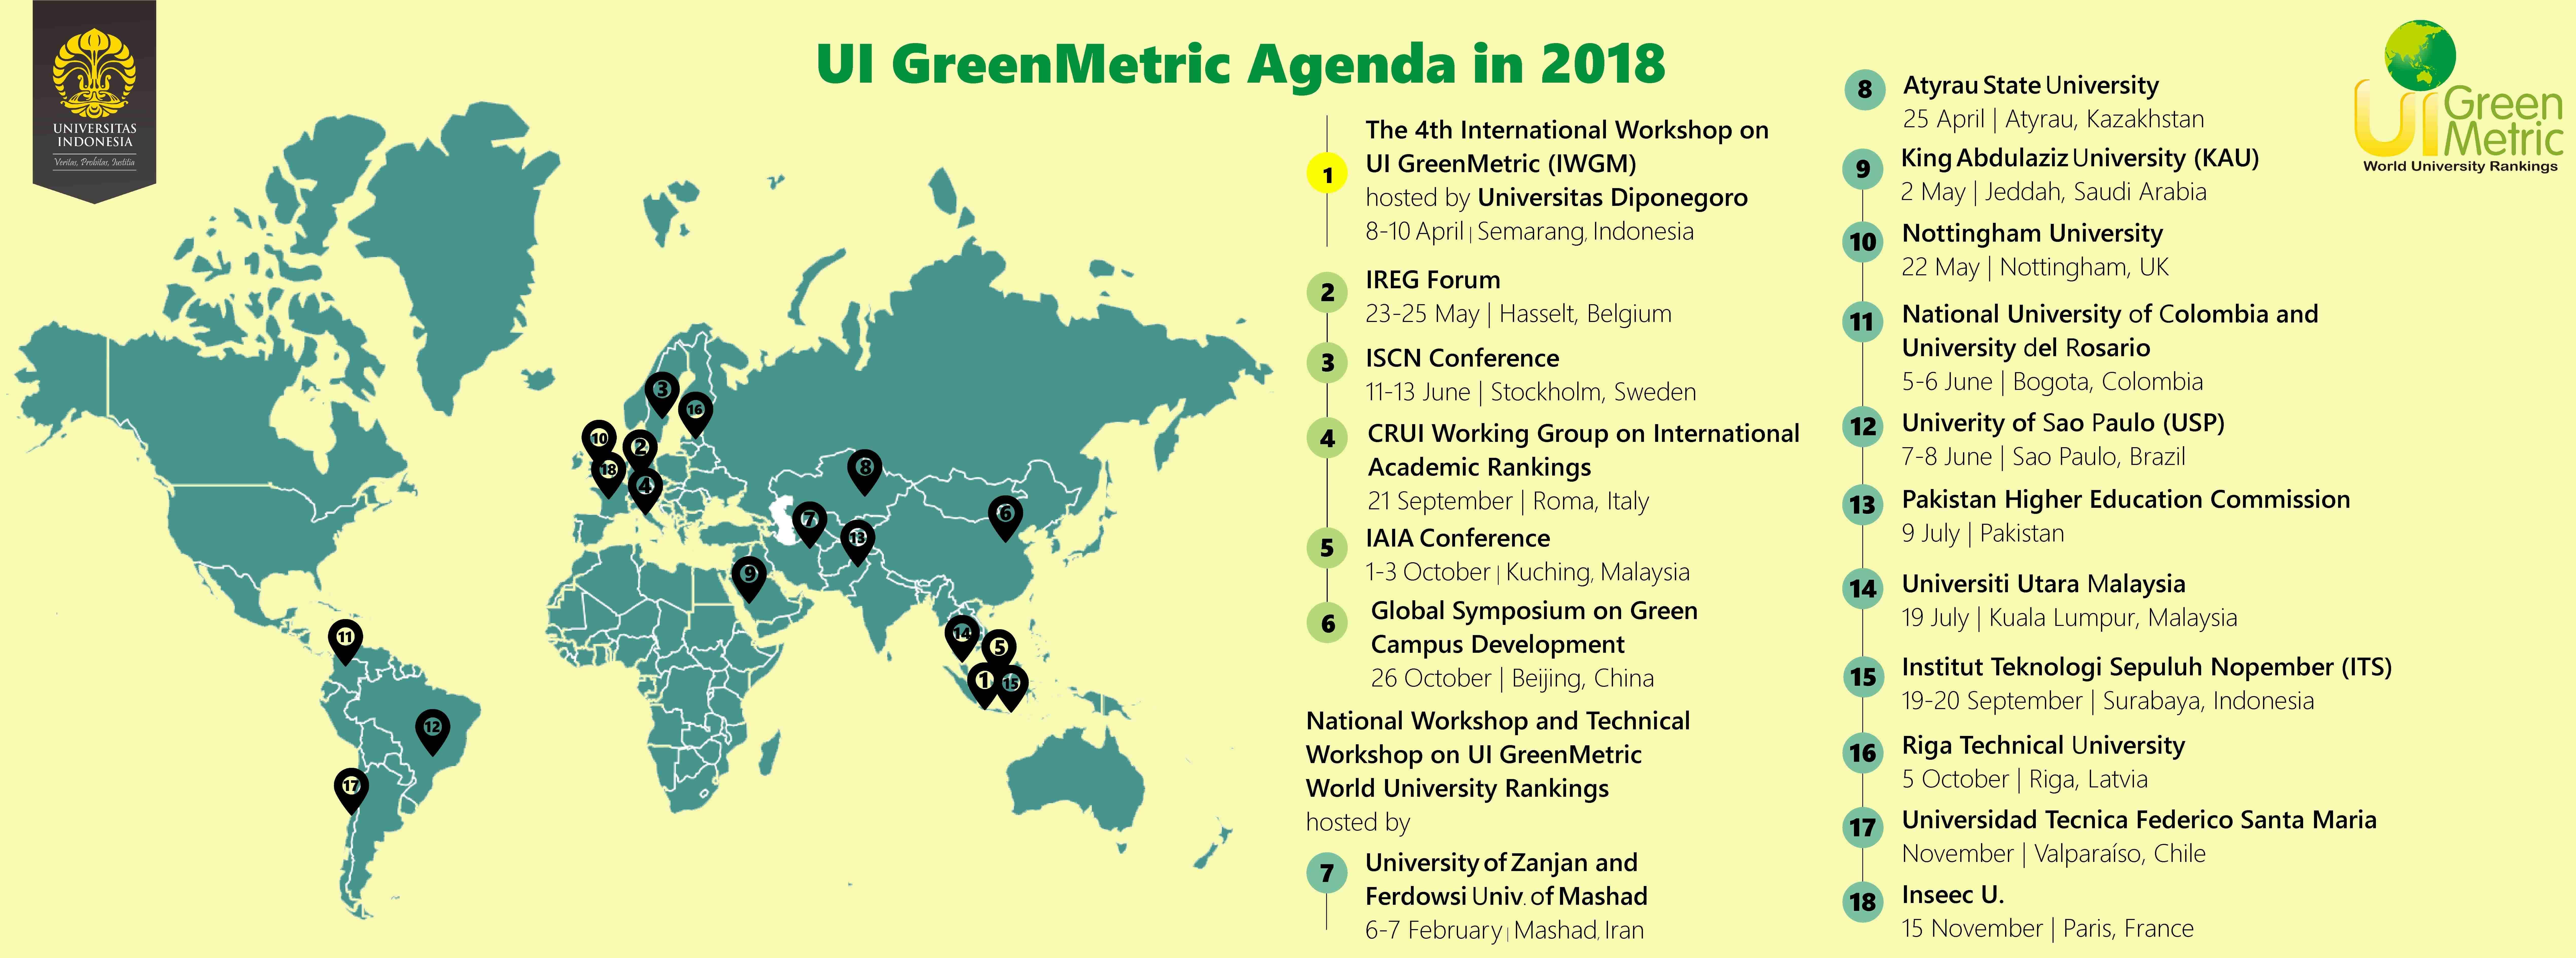 MAP-Agenda-10